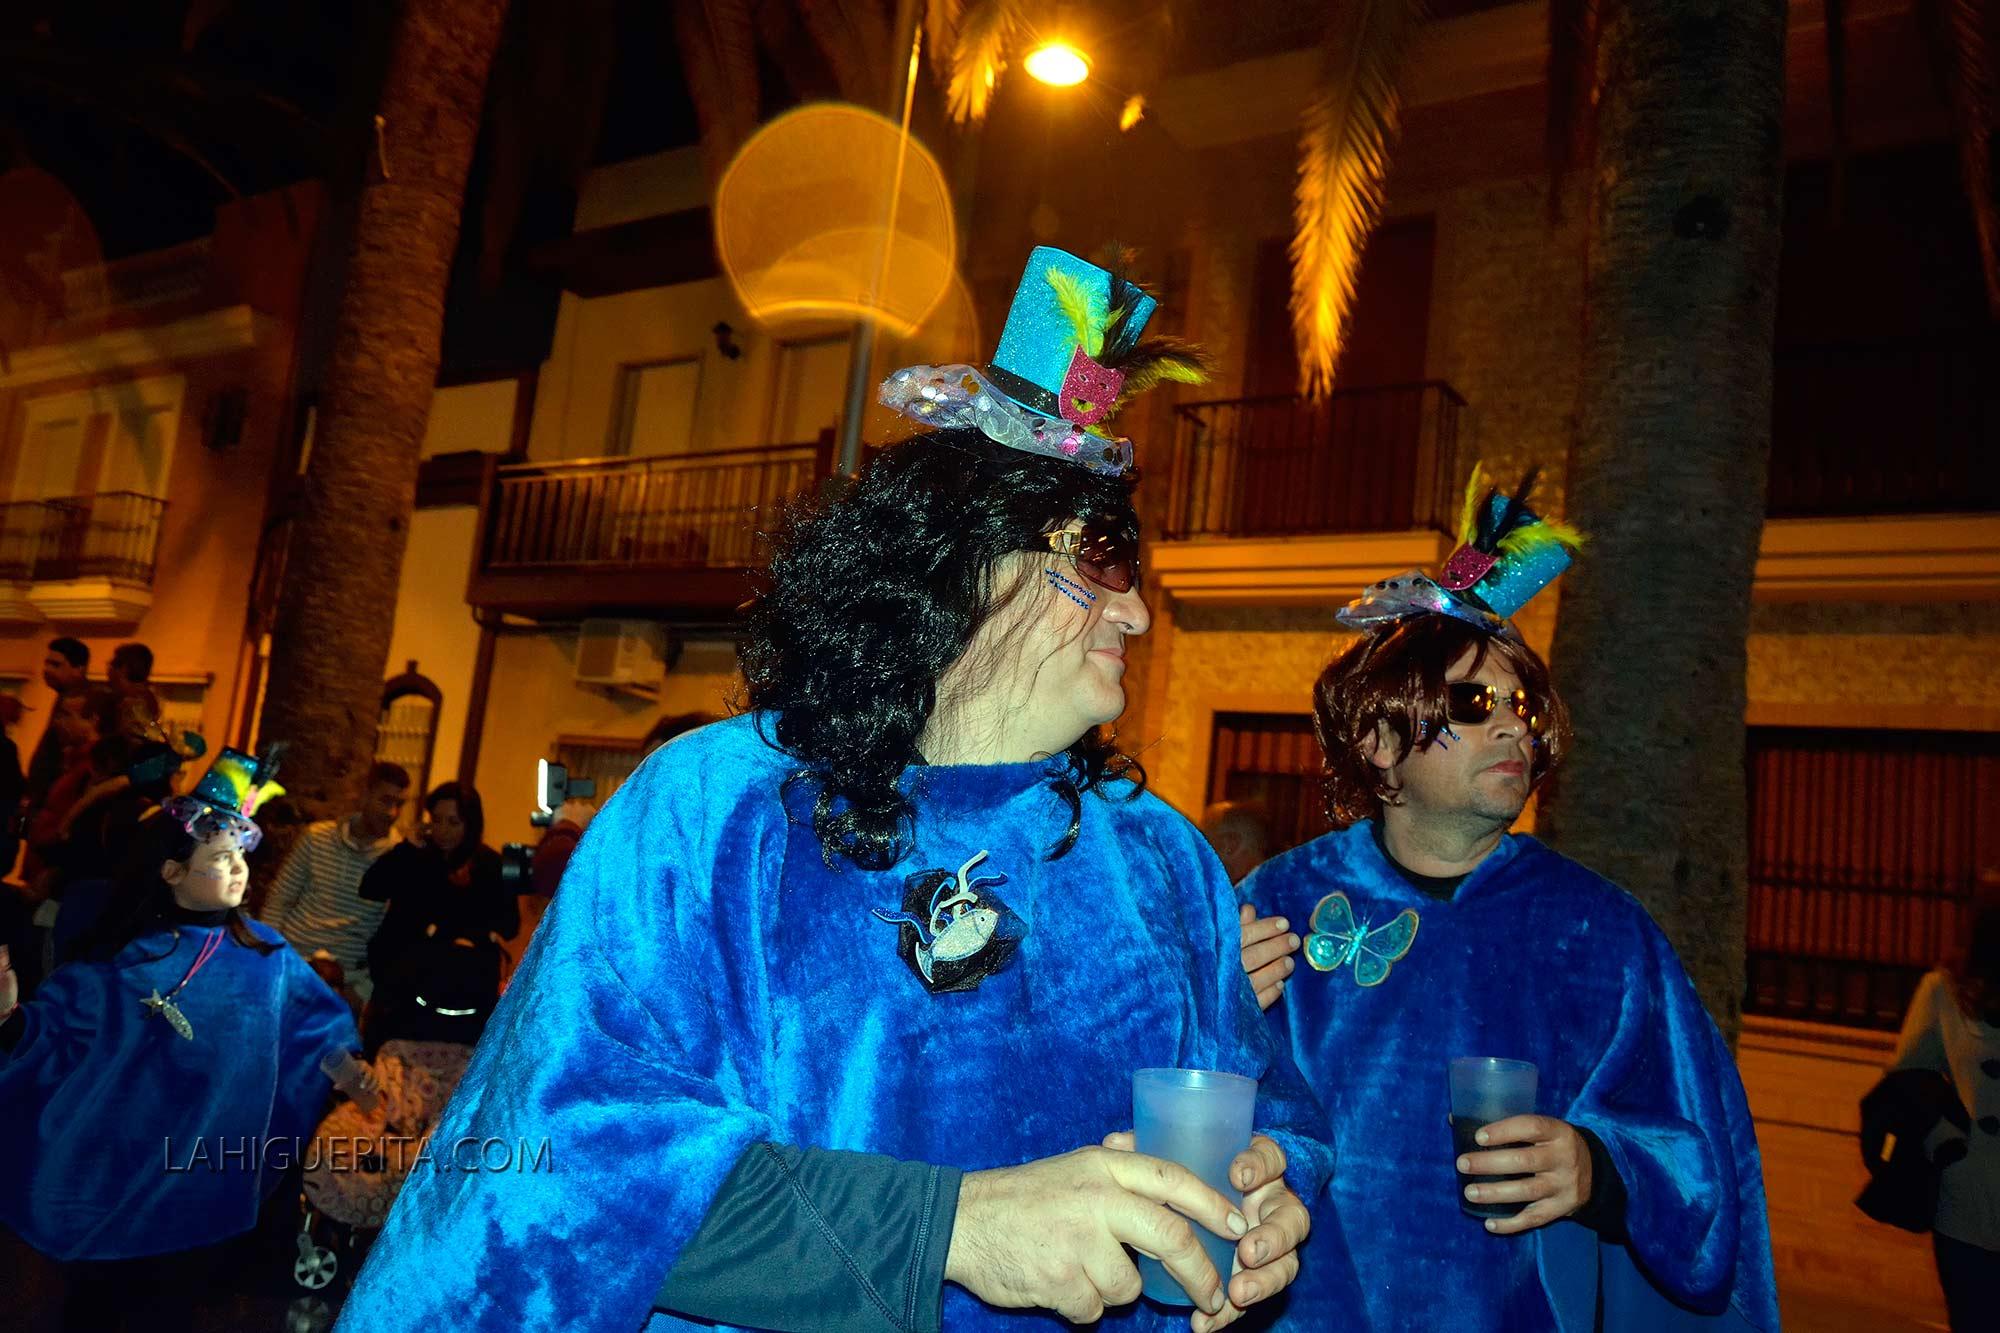 Entierro de la sardina carnaval isla cristina _DSC2163